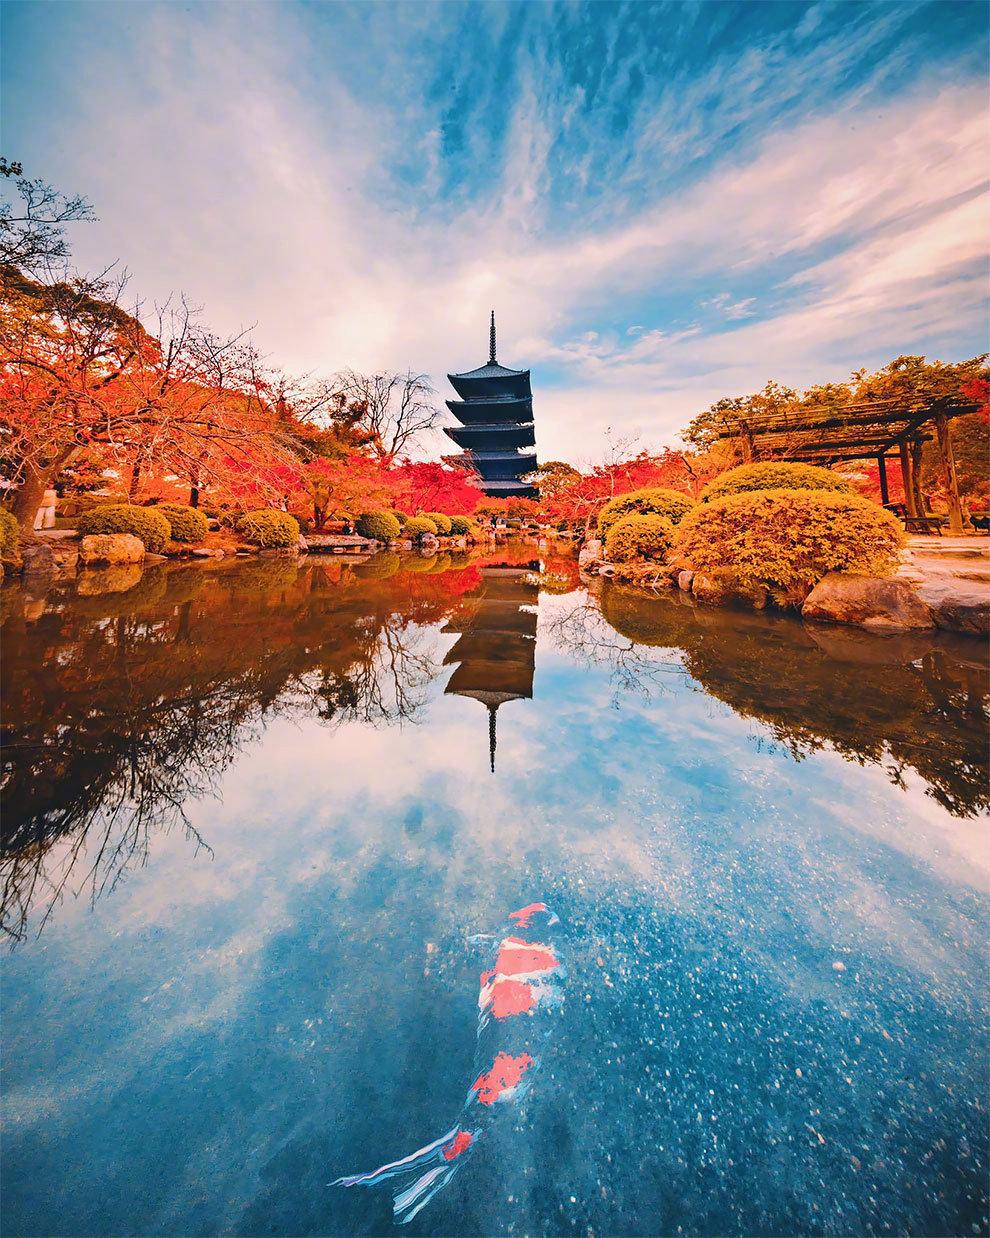 京都和奈良的秋 🍁 🍁 🍂  🍂